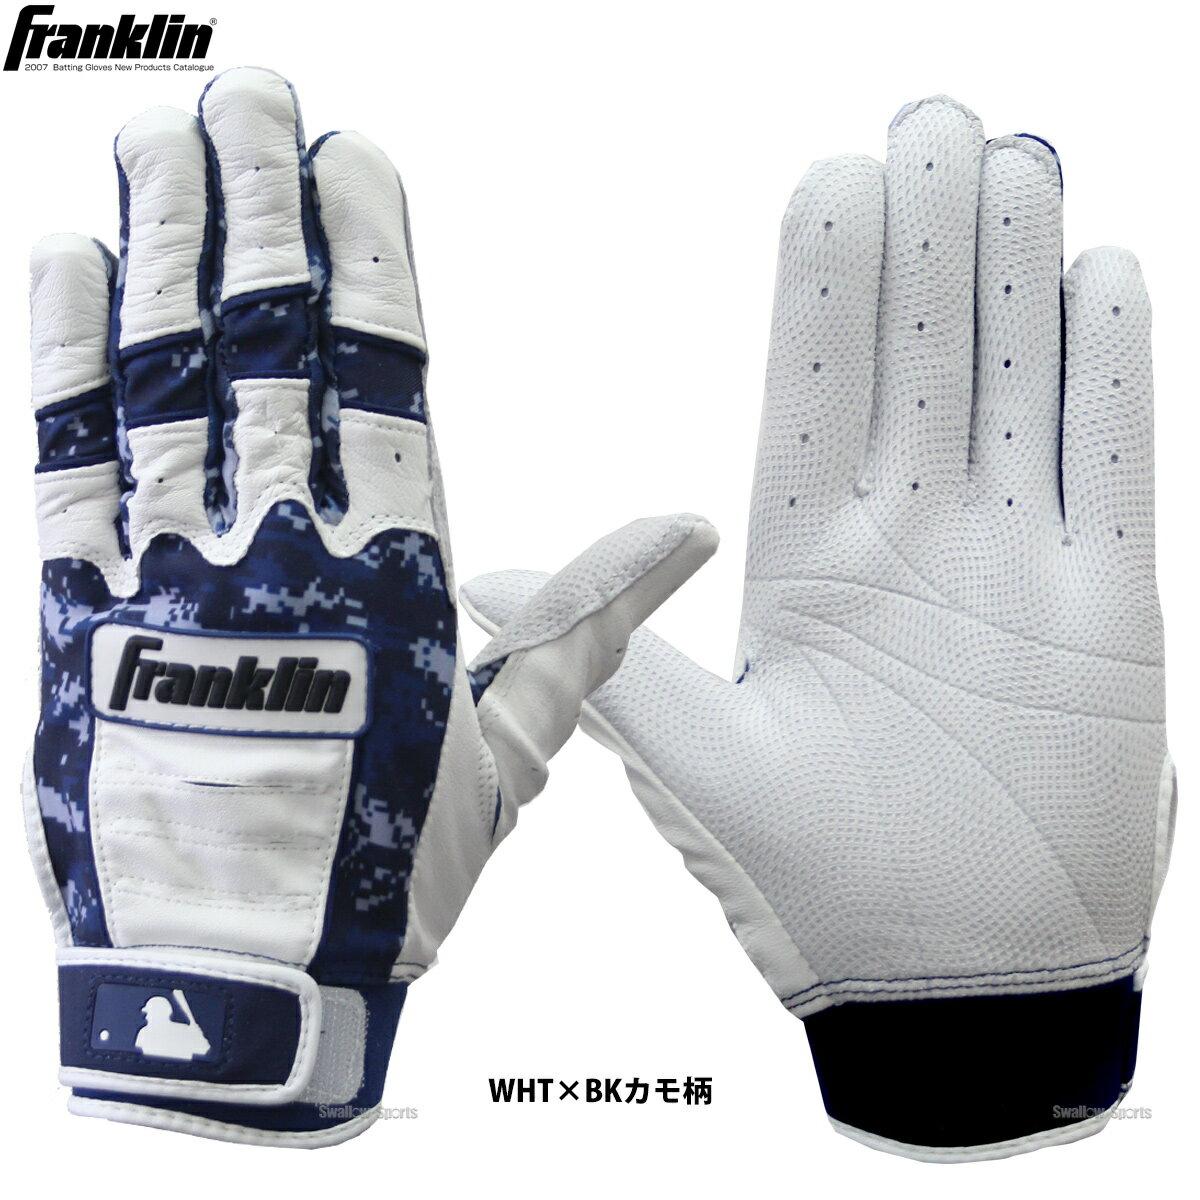 フランクリン バッティンググローブ CFXモデル 両手用 20635 手袋 バッティンググローブ 手袋 野球部 野球用品 スワロースポーツ